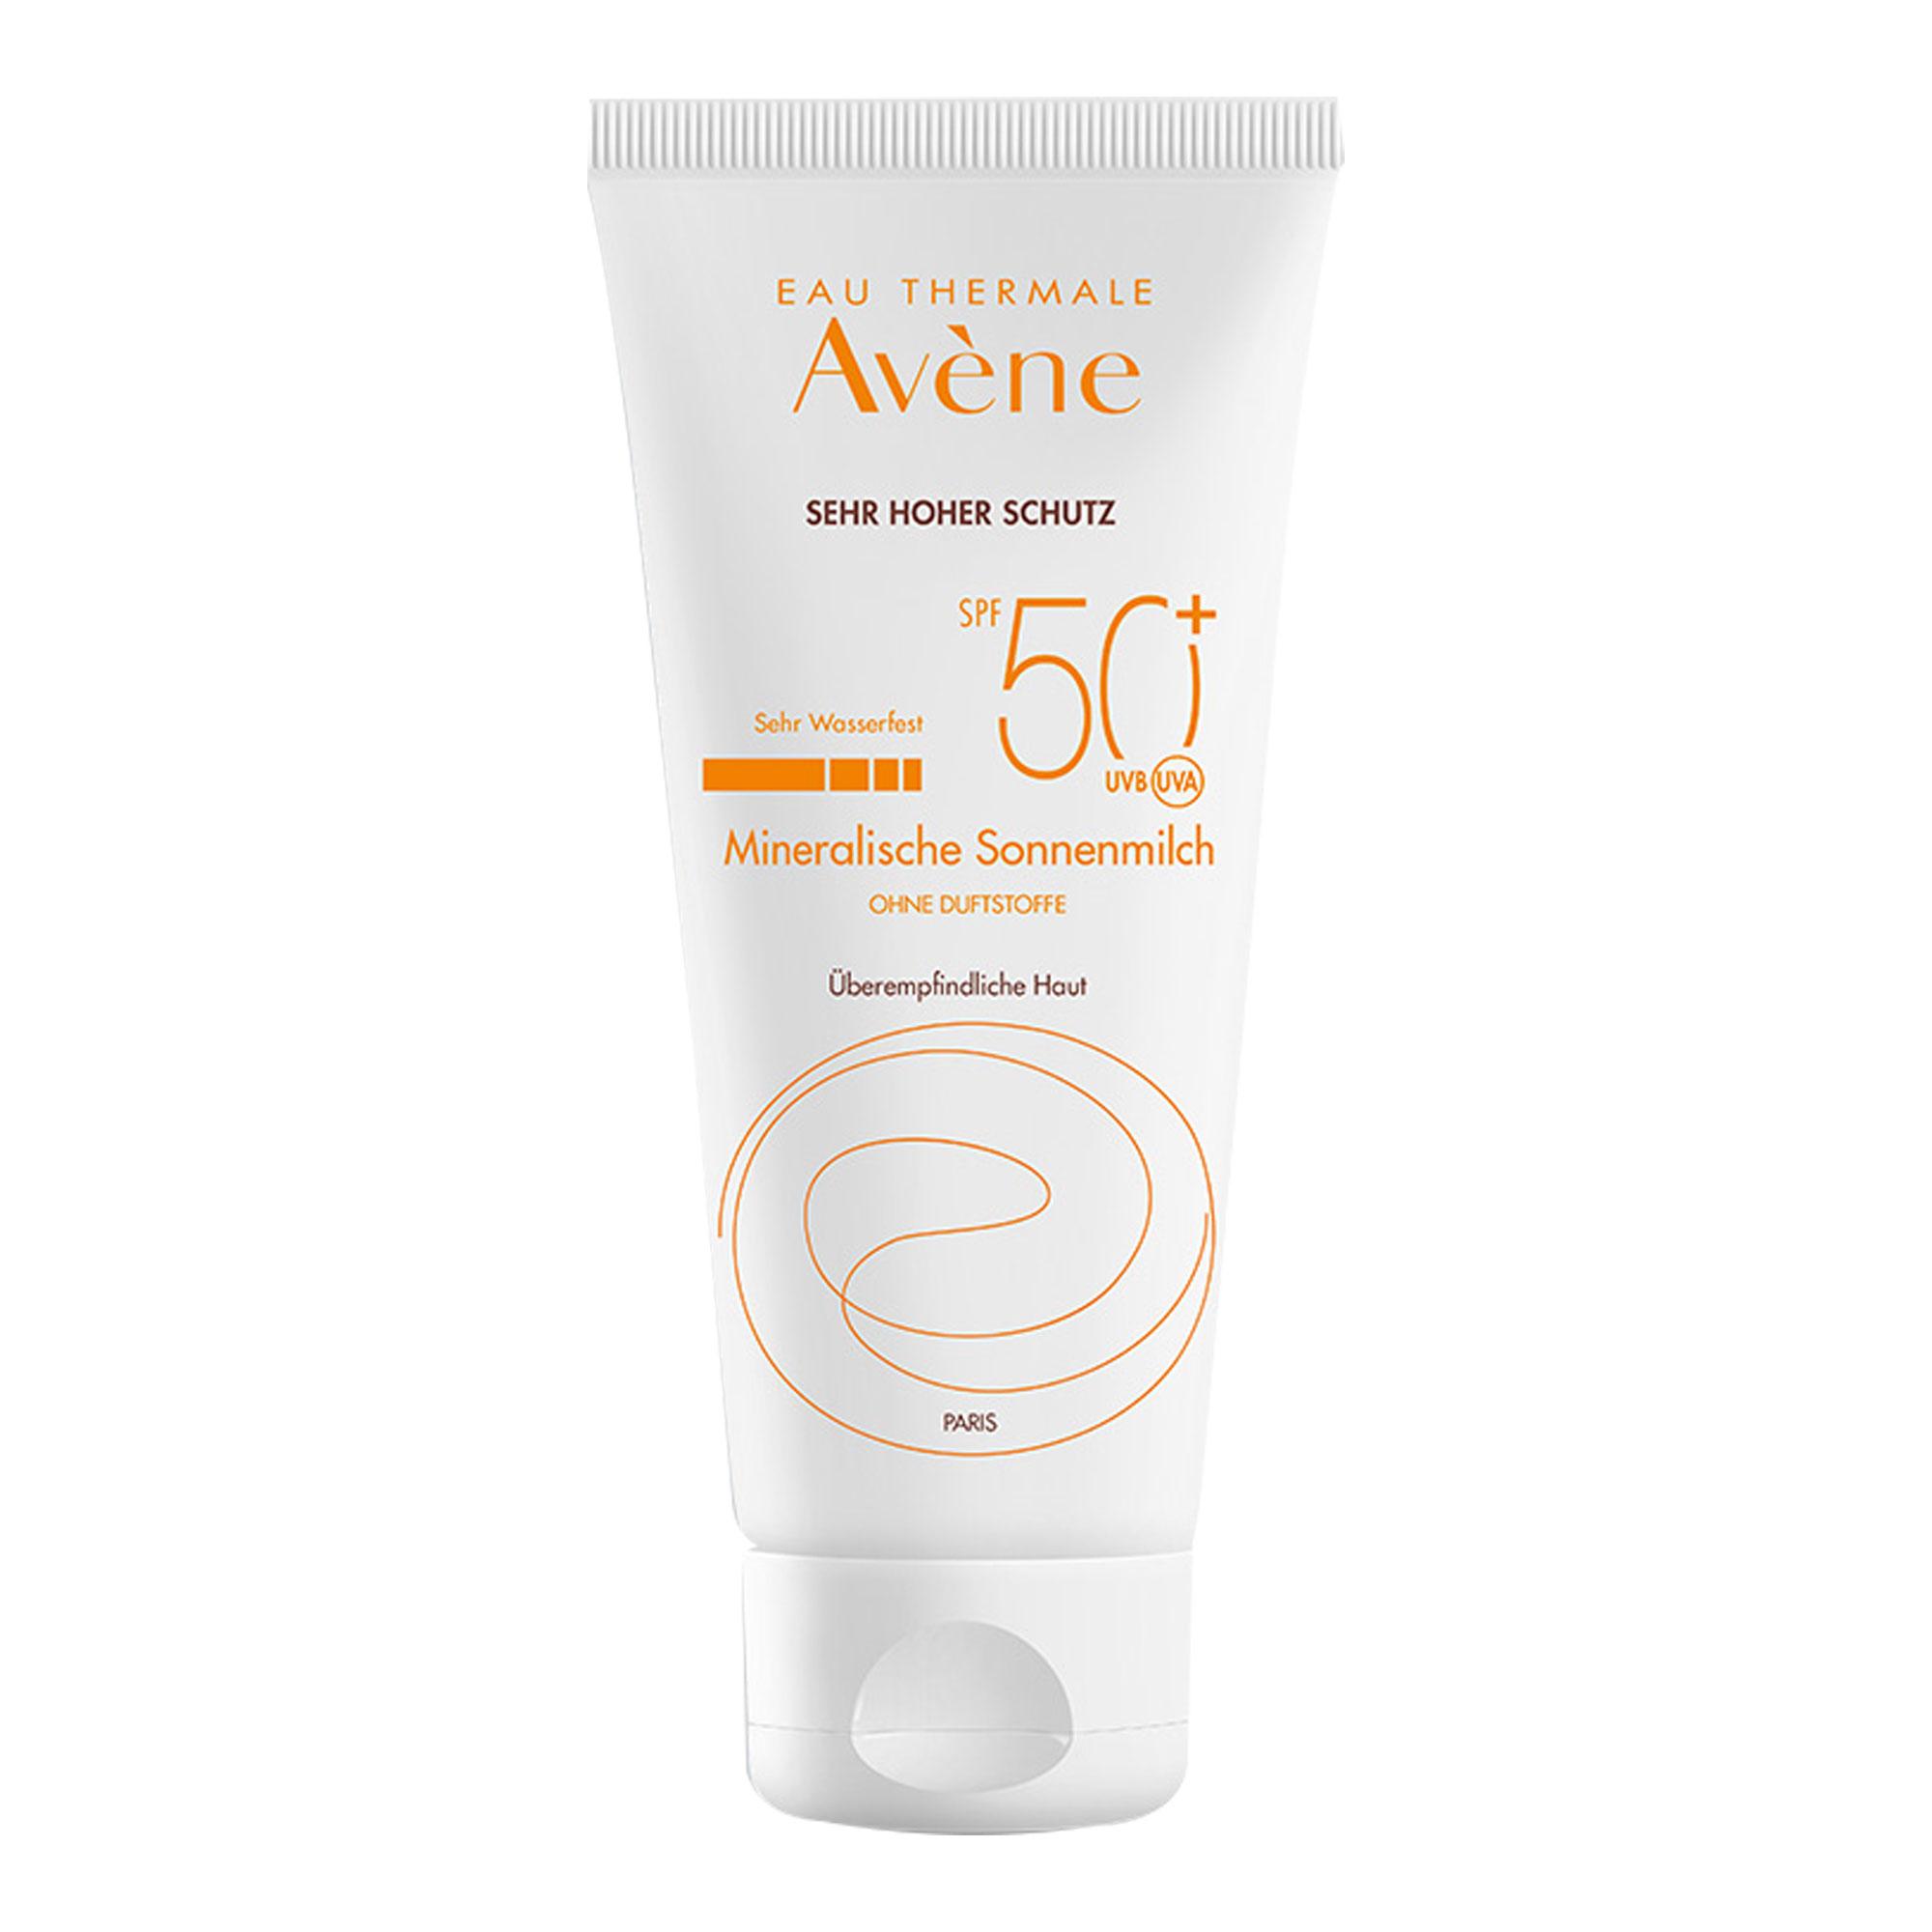 Avene Mineralische Sonnenmilch SPF 50+